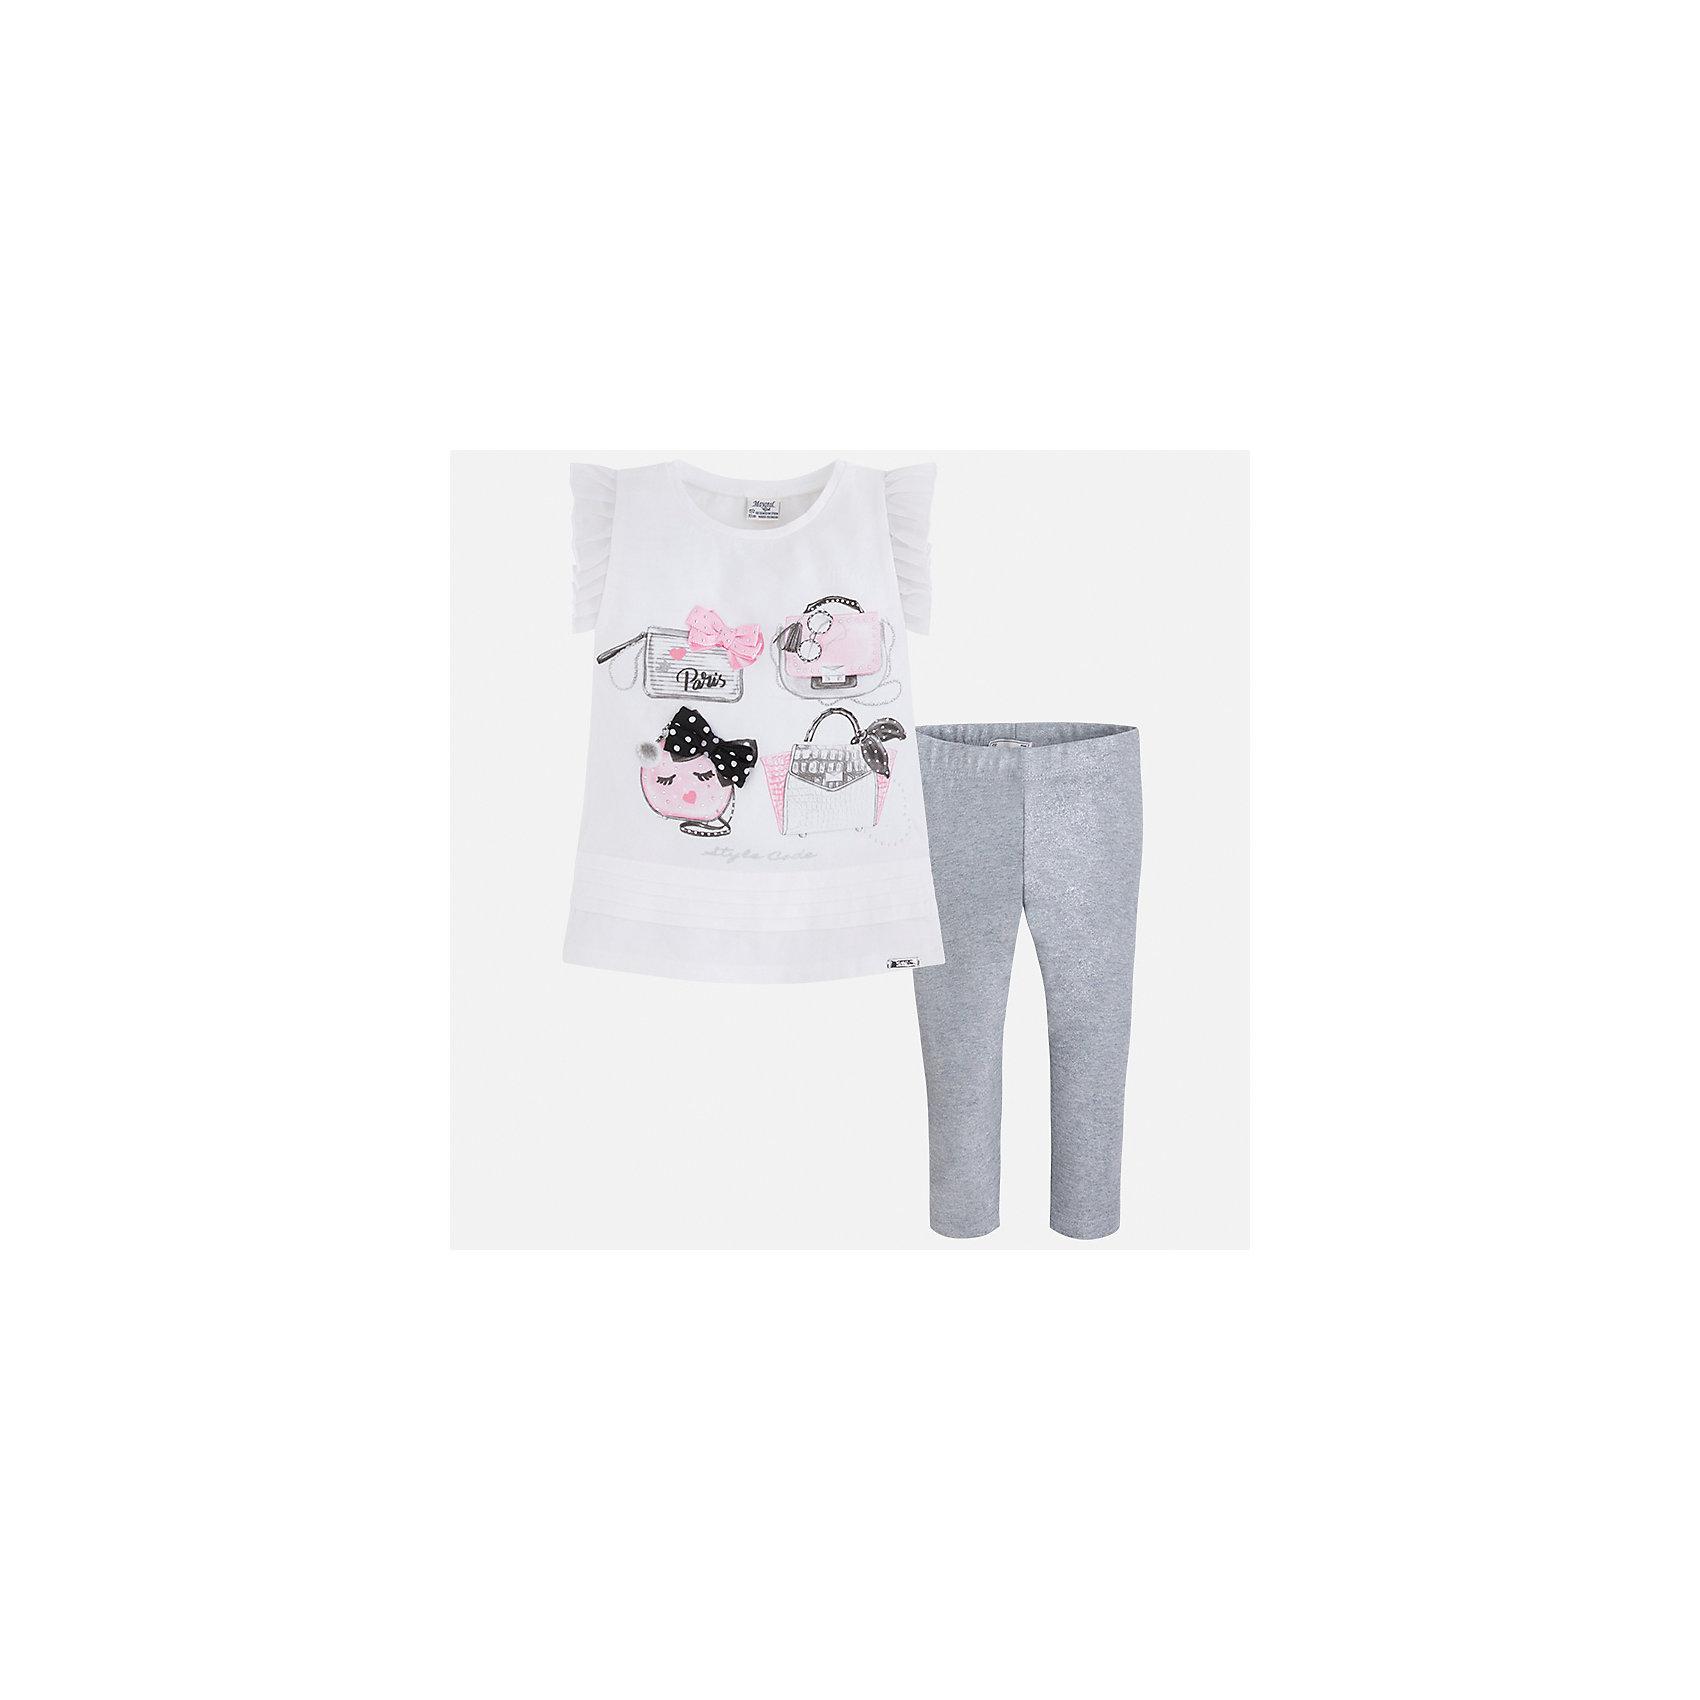 Комплект: блузка и леггинсы для девочки MayoralХарактеристики товара:<br><br>• цвет: белый/серый<br>• состав: 95% хлопок, 5% эластан<br>• комплектация: футболка, леггинсы<br>• футболка декорирована принтом и оборками<br>• леггинсы однотонные<br>• пояс на резинке<br>• страна бренда: Испания<br><br>Красивый качественный комплект для девочки поможет разнообразить гардероб ребенка и удобно одеться в теплую погоду. Он отлично сочетается с другими предметами. Универсальный цвет позволяет подобрать к вещам верхнюю одежду практически любой расцветки. Интересная отделка модели делает её нарядной и оригинальной. В составе материала - натуральный хлопок, гипоаллергенный, приятный на ощупь, дышащий.<br><br>Одежда, обувь и аксессуары от испанского бренда Mayoral полюбились детям и взрослым по всему миру. Модели этой марки - стильные и удобные. Для их производства используются только безопасные, качественные материалы и фурнитура. Порадуйте ребенка модными и красивыми вещами от Mayoral! <br><br>Комплект для девочки от испанского бренда Mayoral (Майорал) можно купить в нашем интернет-магазине.<br><br>Ширина мм: 123<br>Глубина мм: 10<br>Высота мм: 149<br>Вес г: 209<br>Цвет: серый<br>Возраст от месяцев: 96<br>Возраст до месяцев: 108<br>Пол: Женский<br>Возраст: Детский<br>Размер: 134,92,98,104,110,116,122,128<br>SKU: 5290604